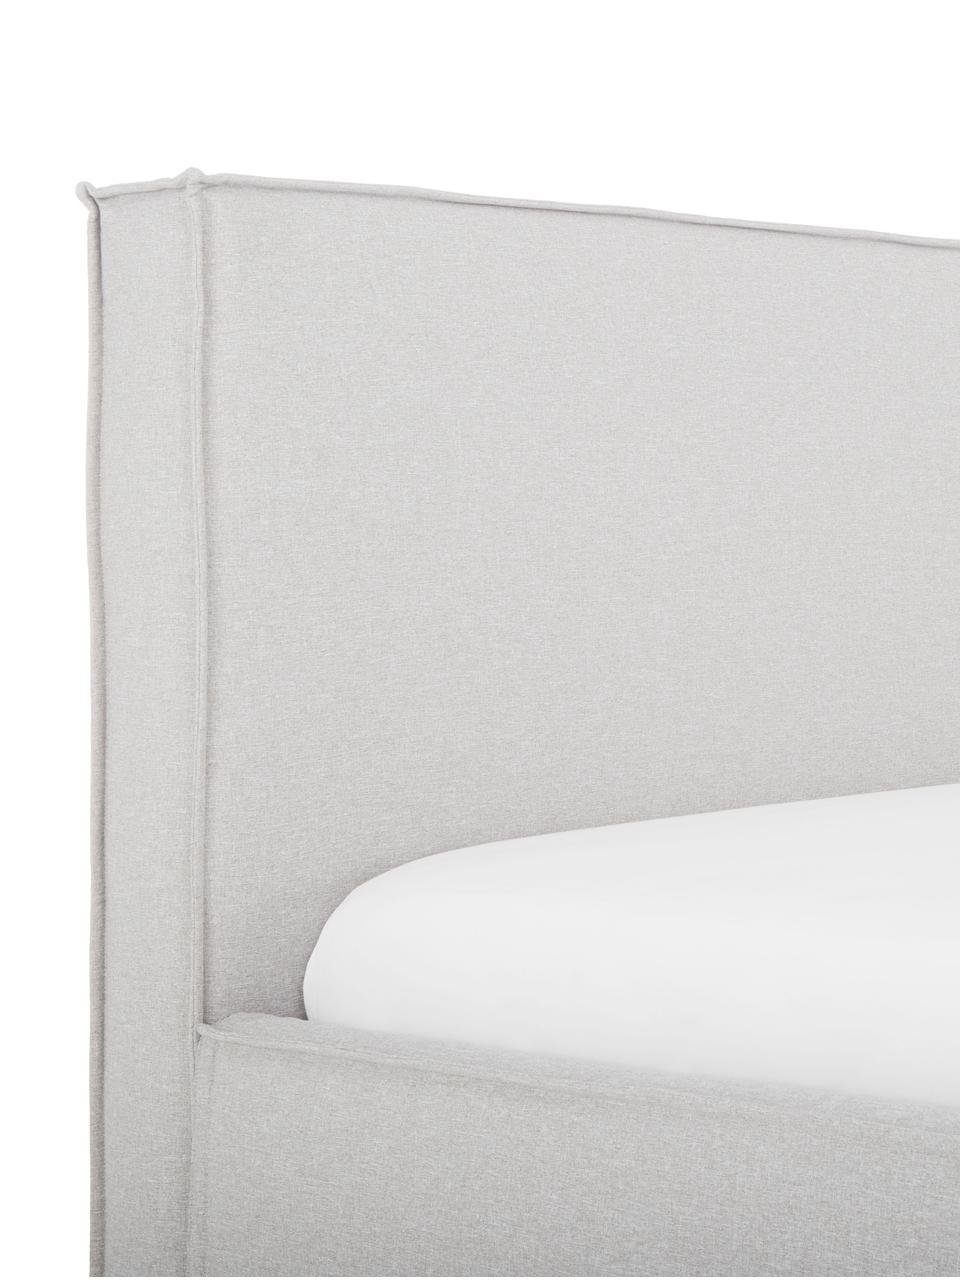 Letto matrimoniale imbottito Dream, Rivestimento: Poliestere (tessuto strut, Grigio chiaro, Larg. 180 x Lung. 200 cm